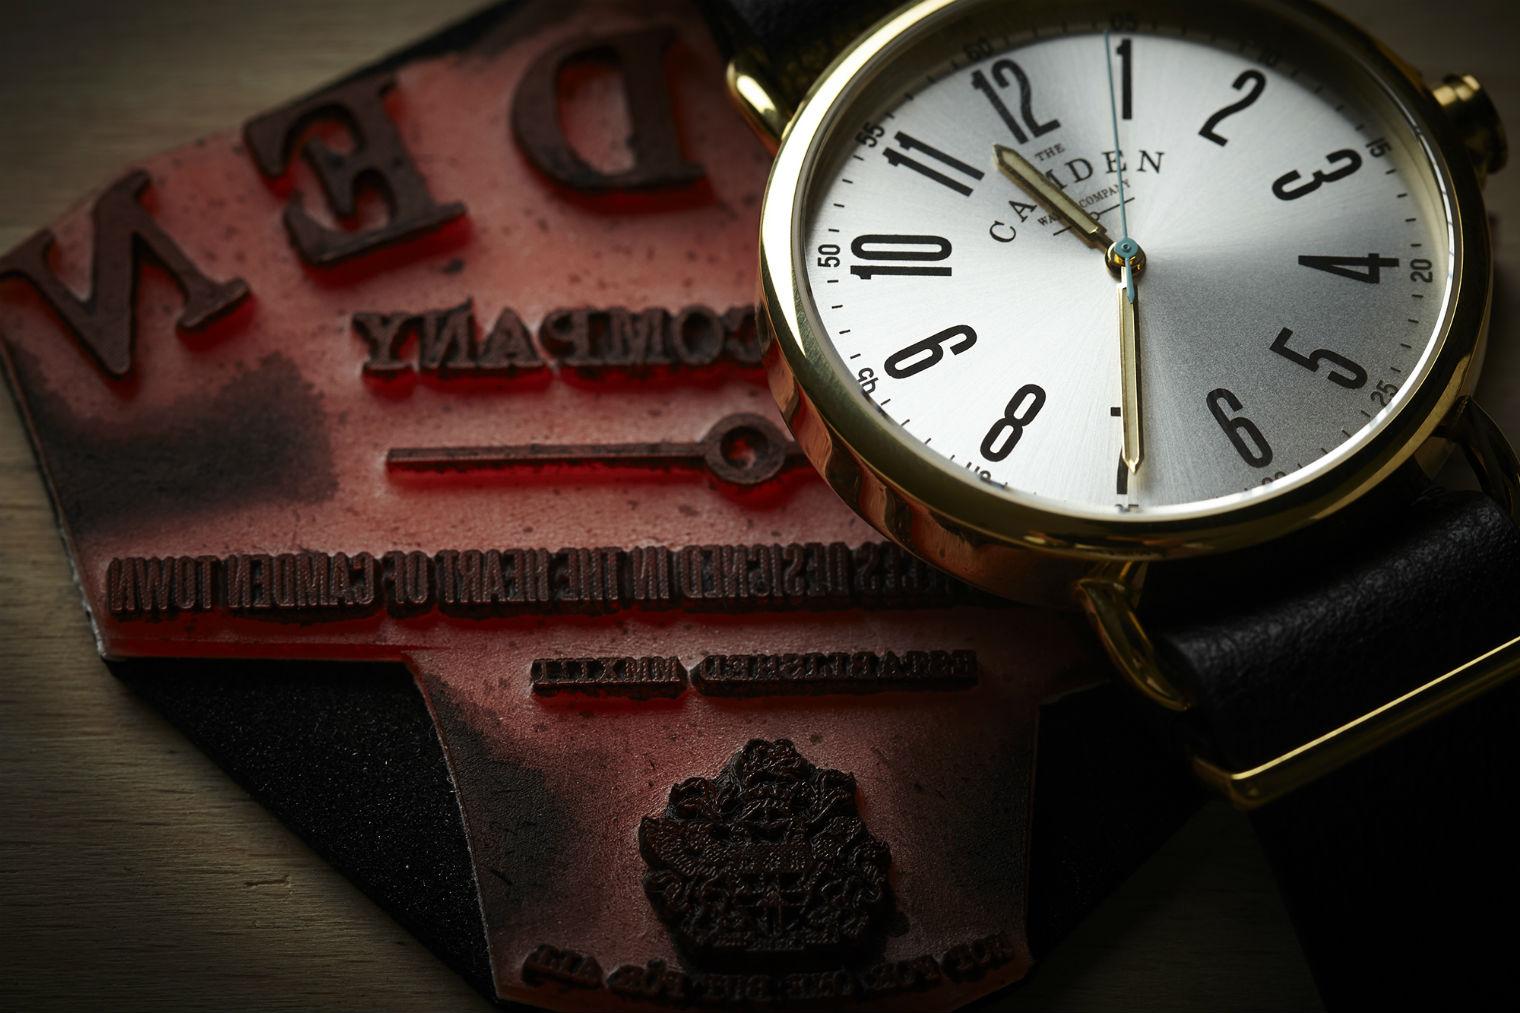 A Camden Watch.